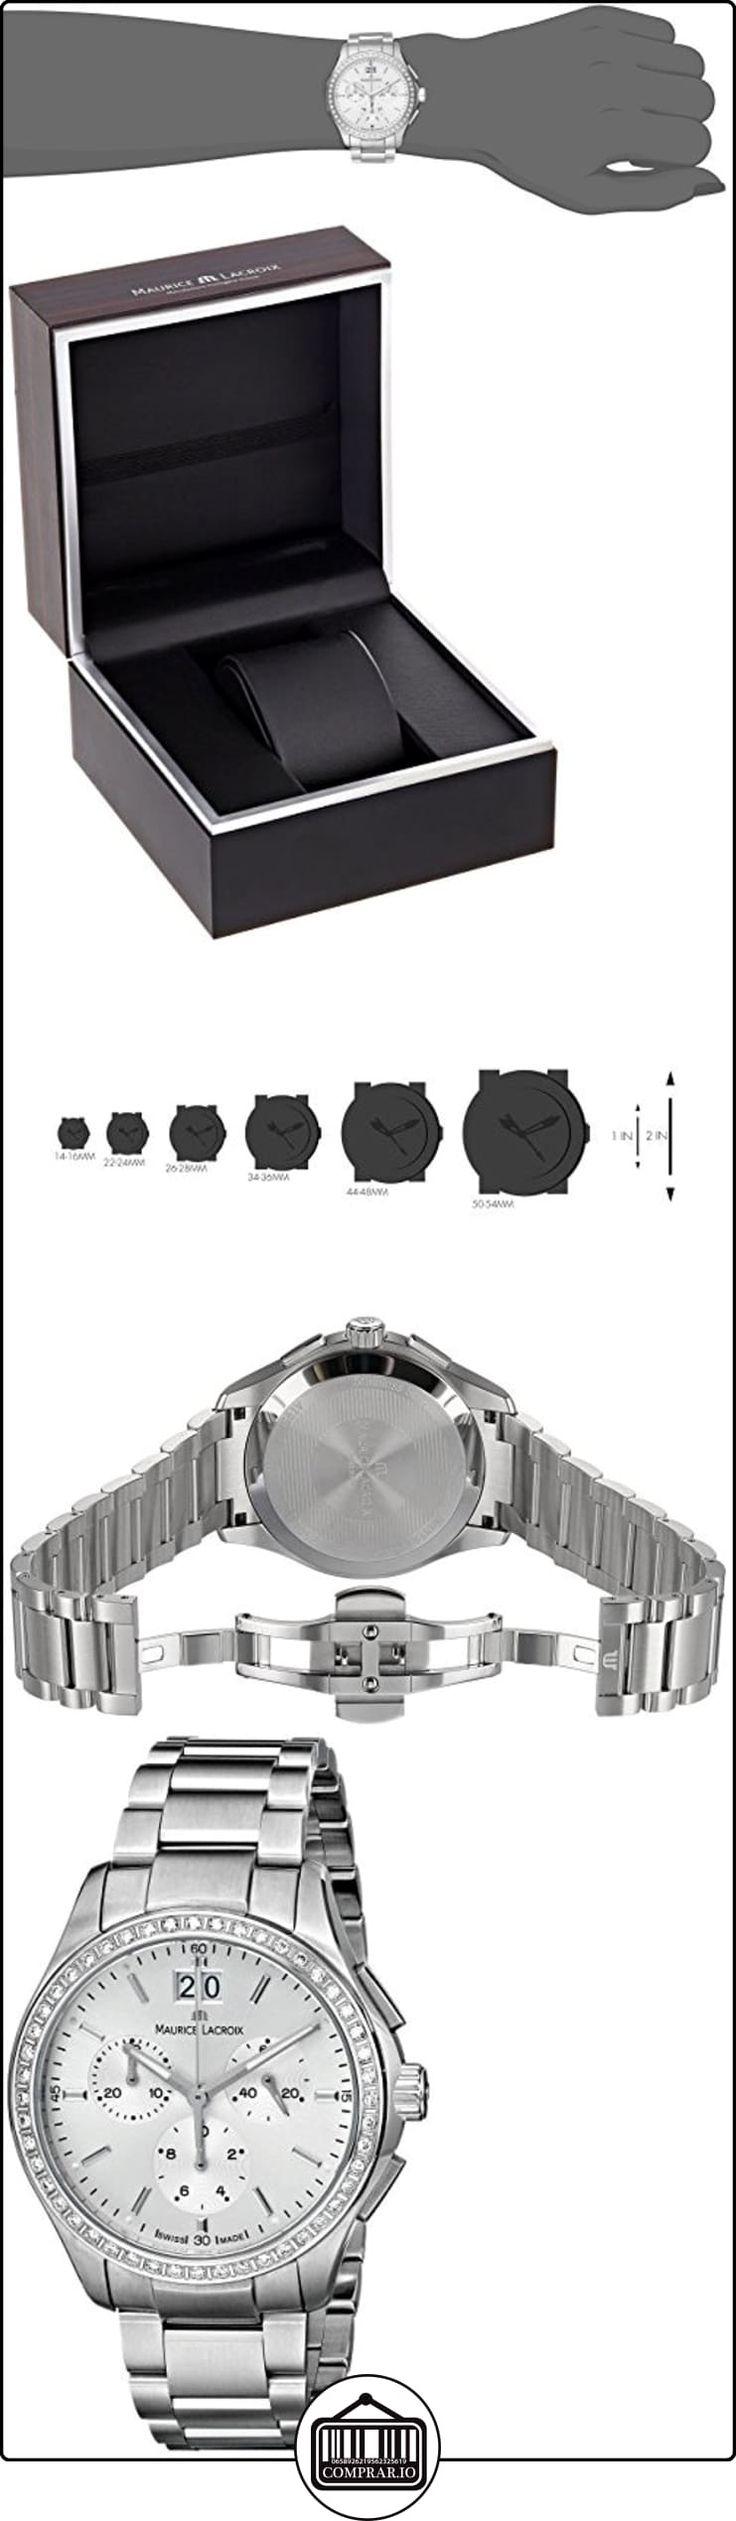 Maurice Lacroix Miros mi1057 - SD502 -130 38 mm Diamantes de plata pulsera de acero y la caja de zafiro anti-reflectante de las mujeres reloj de pulsera para mujer  ✿ Relojes para mujer - (Lujo) ✿